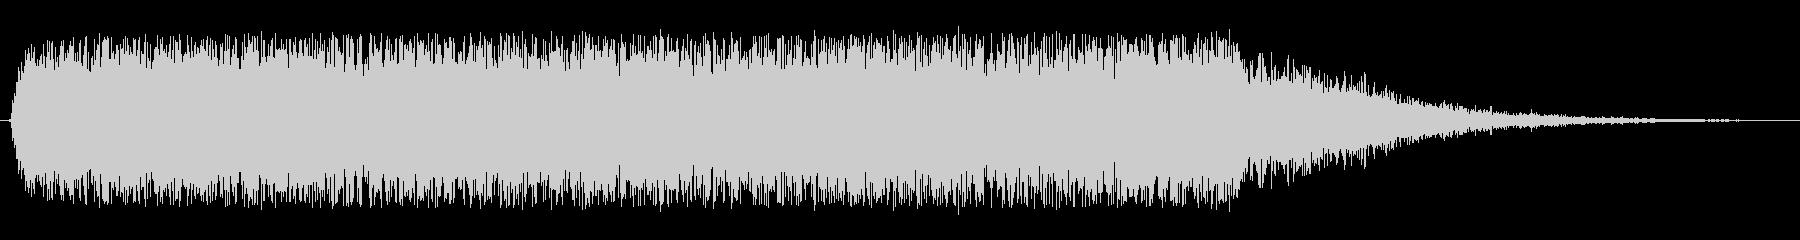 緊張 昇順カオス04の未再生の波形